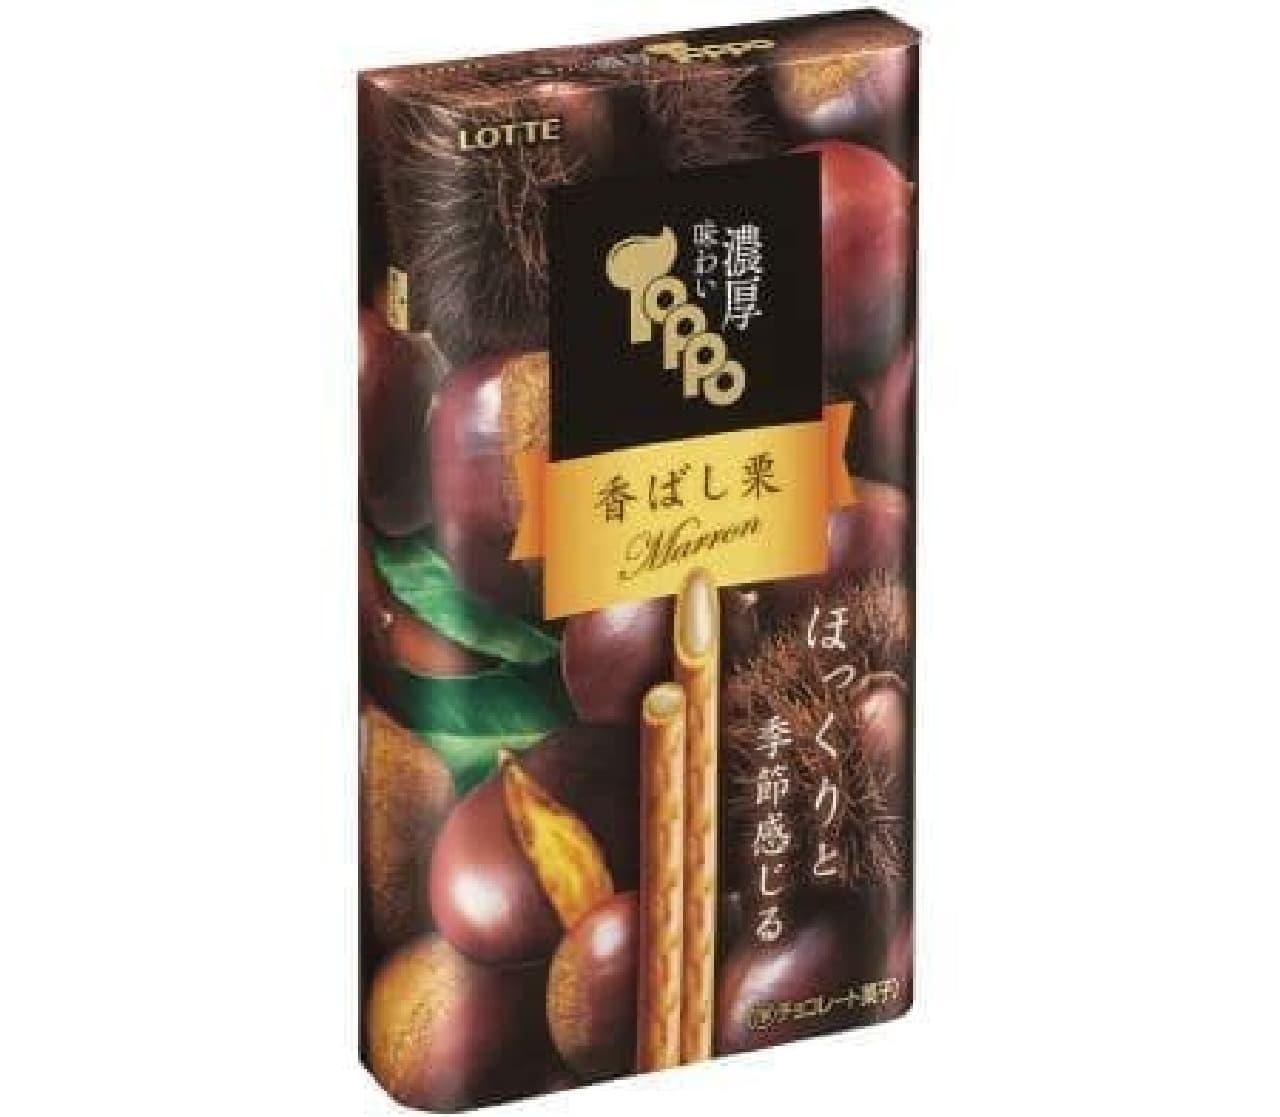 味わい濃厚トッポ<香ばし栗>は、栗を練りこんだチョコが香ばしいプレッツェルの中に注ぎ込まれたお菓子